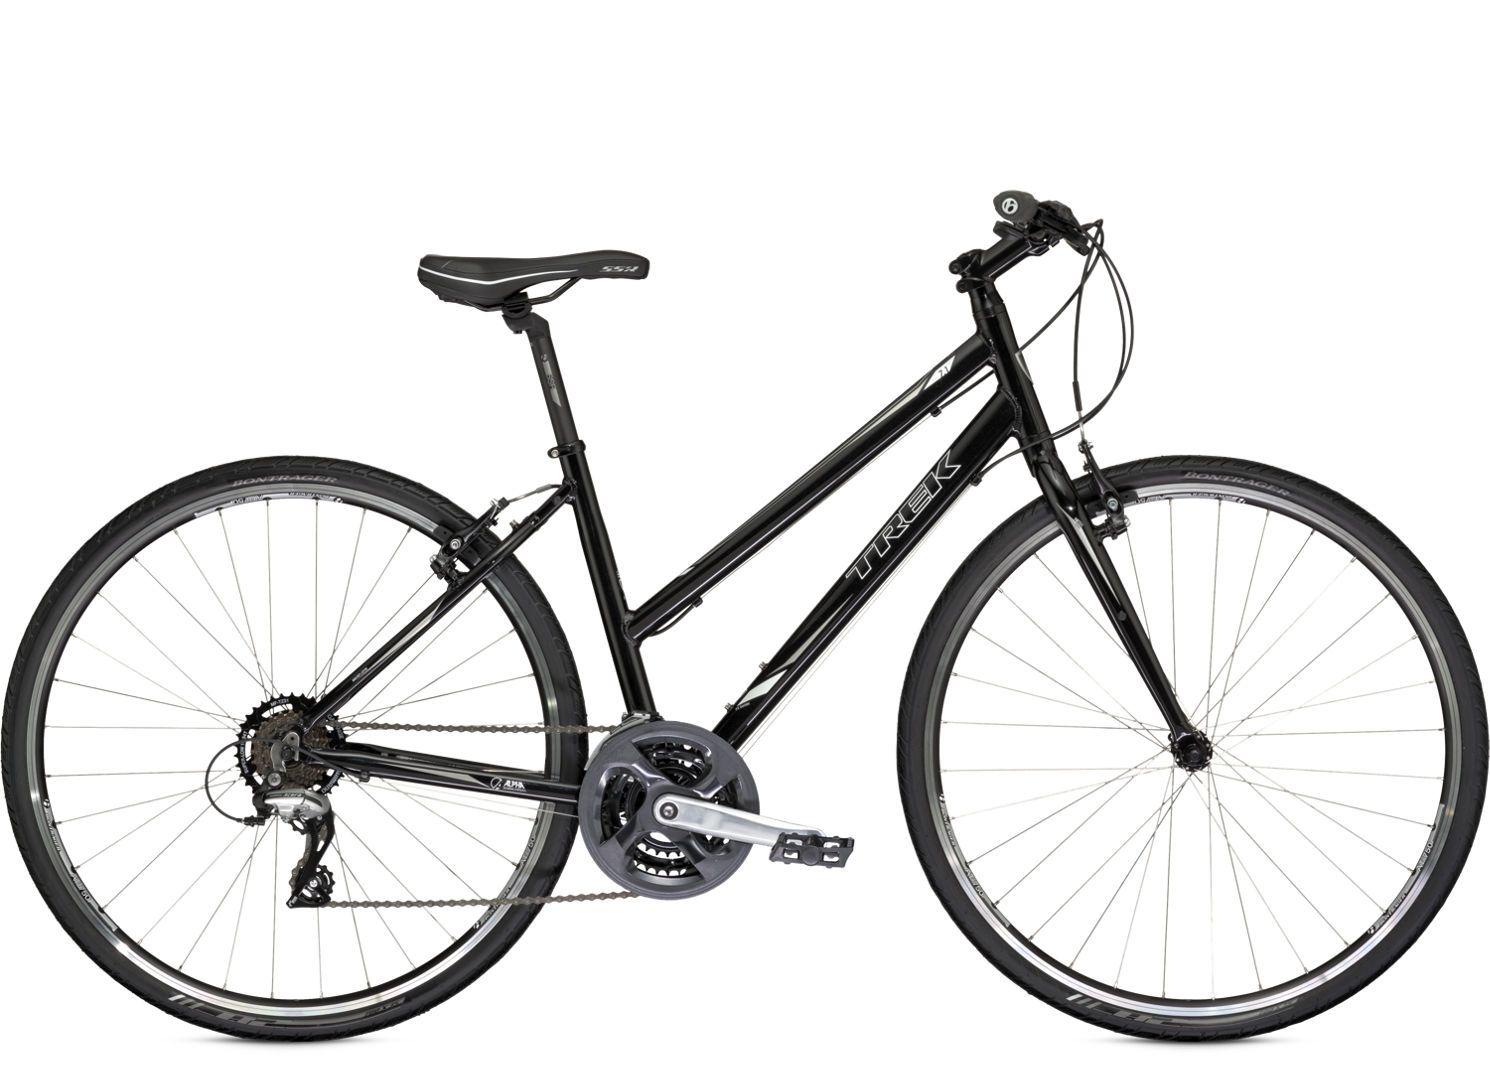 7 1 Fx Stagger Trek Bicycle Trek Bicycle Trek Bikes Hybrid Bike